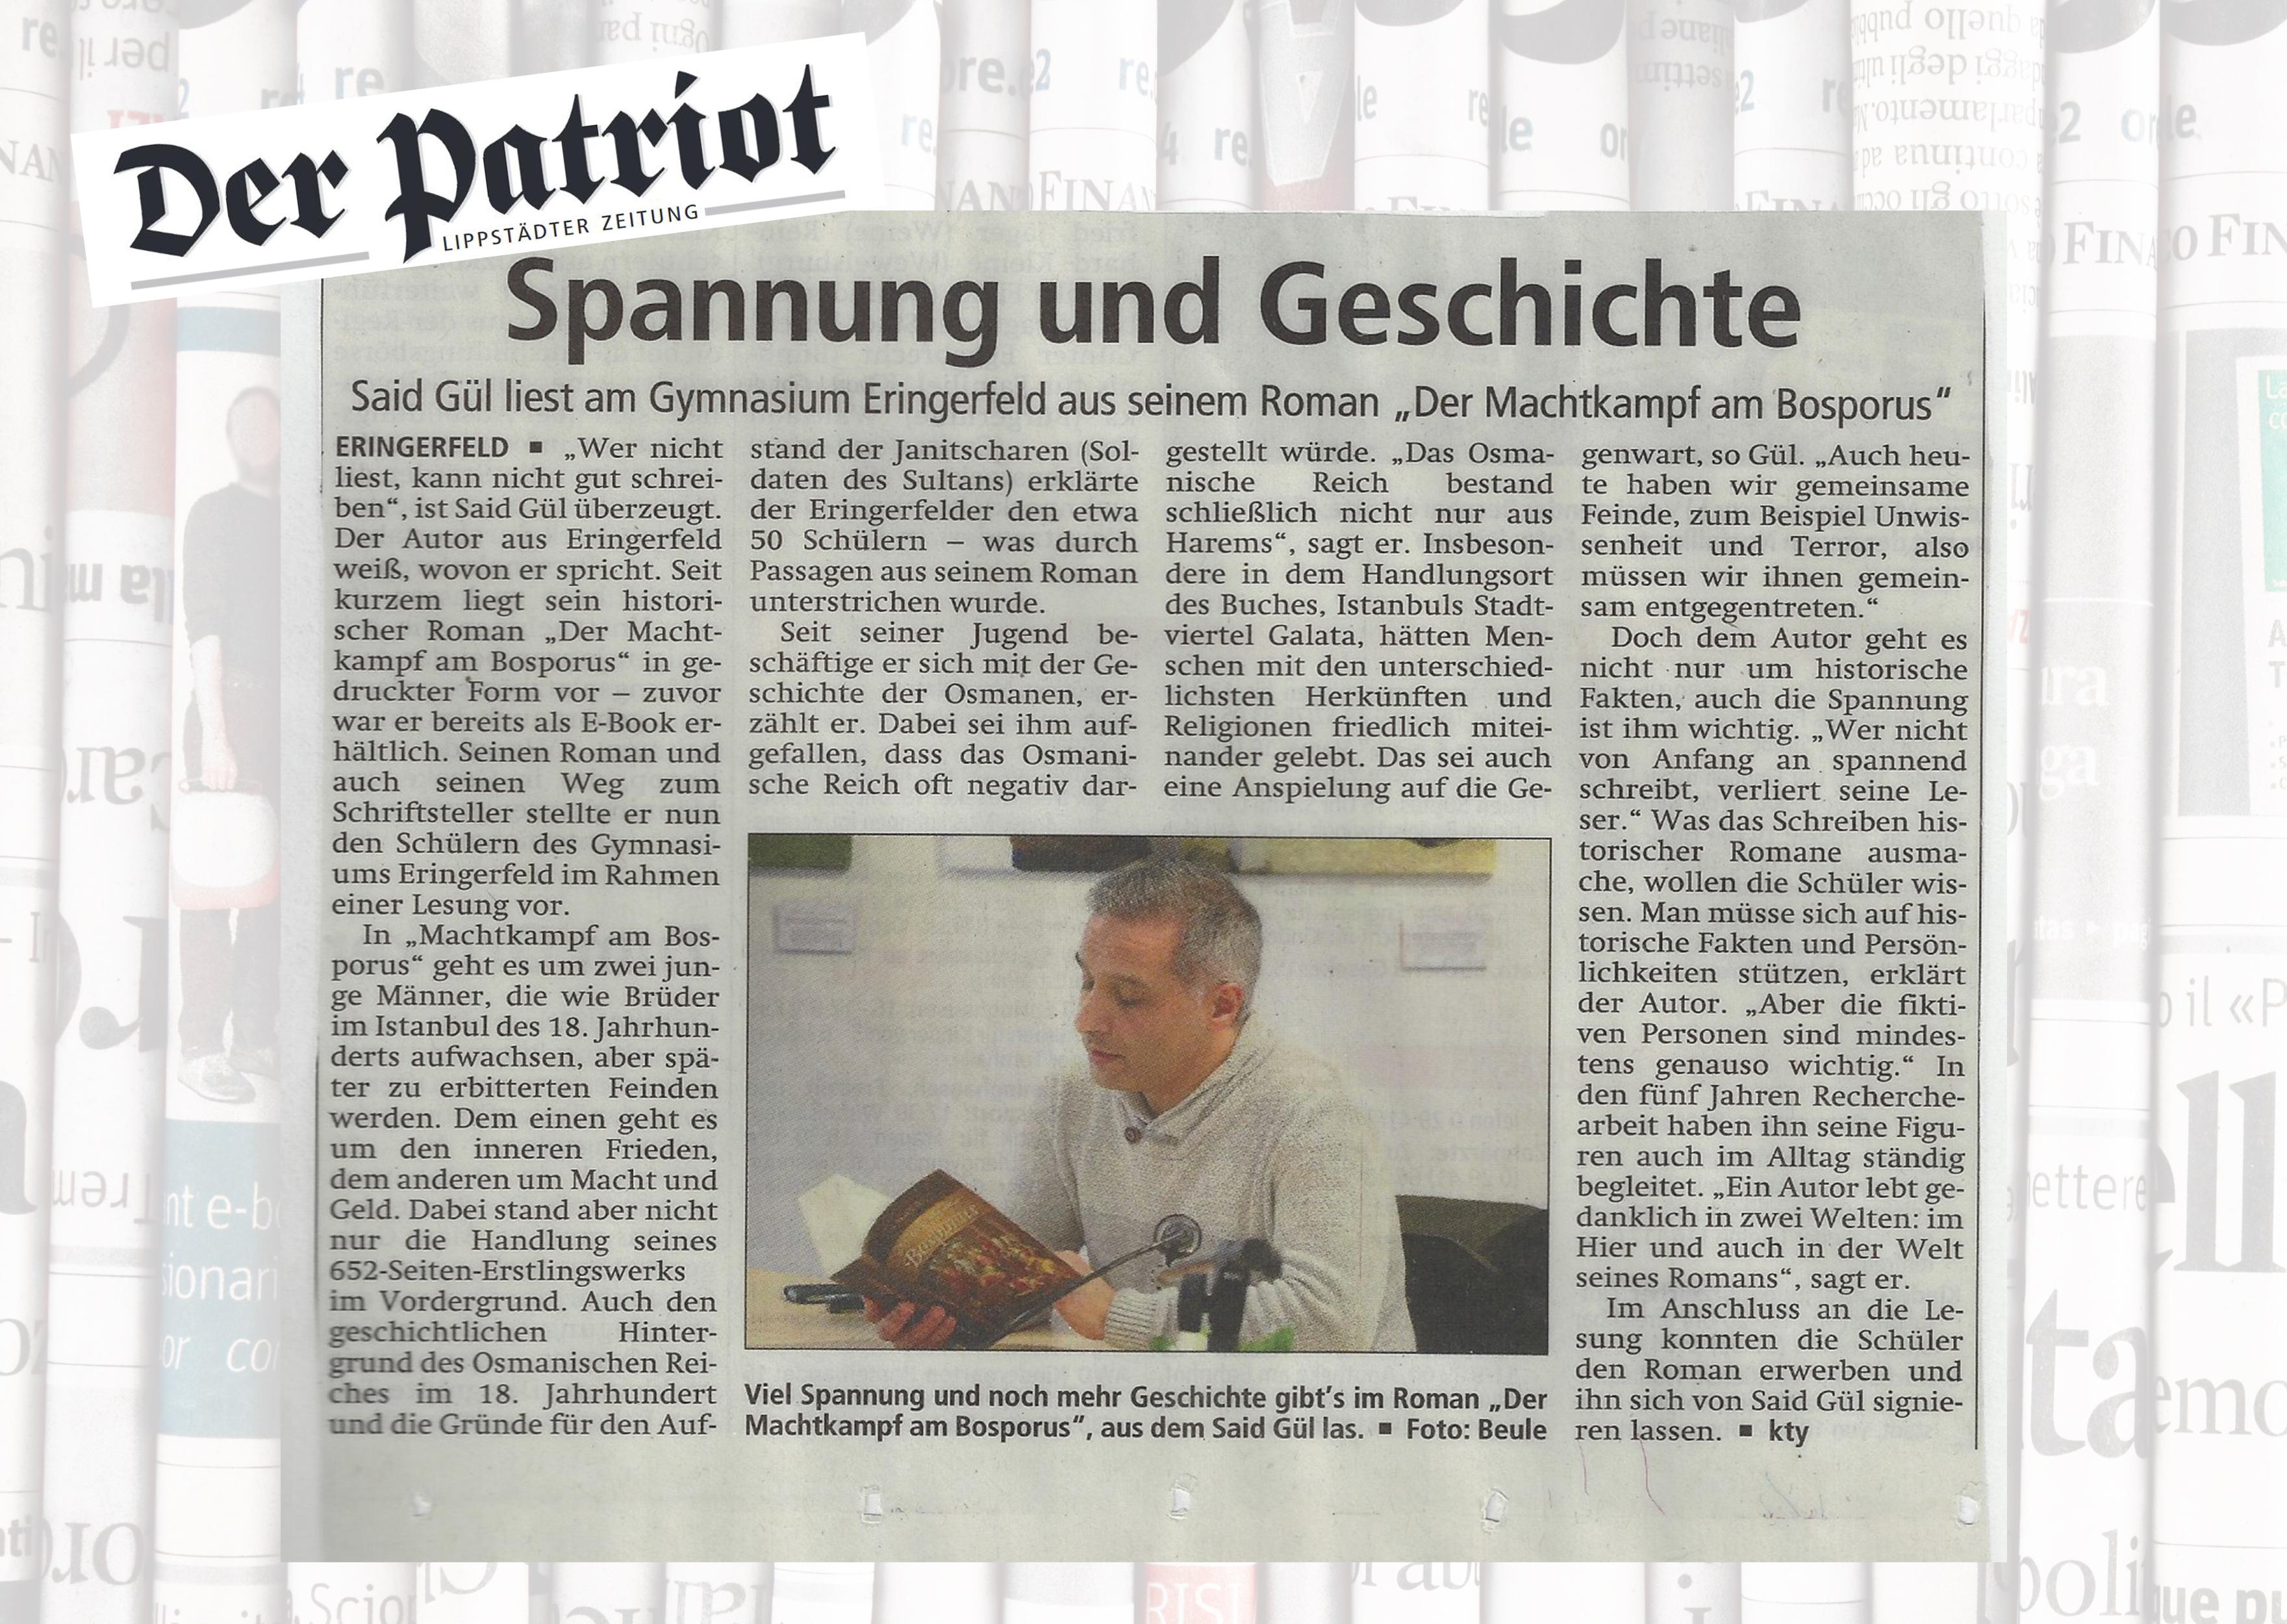 Schön Geschichte Arc Vorlage Bilder - Beispielzusammenfassung Ideen ...